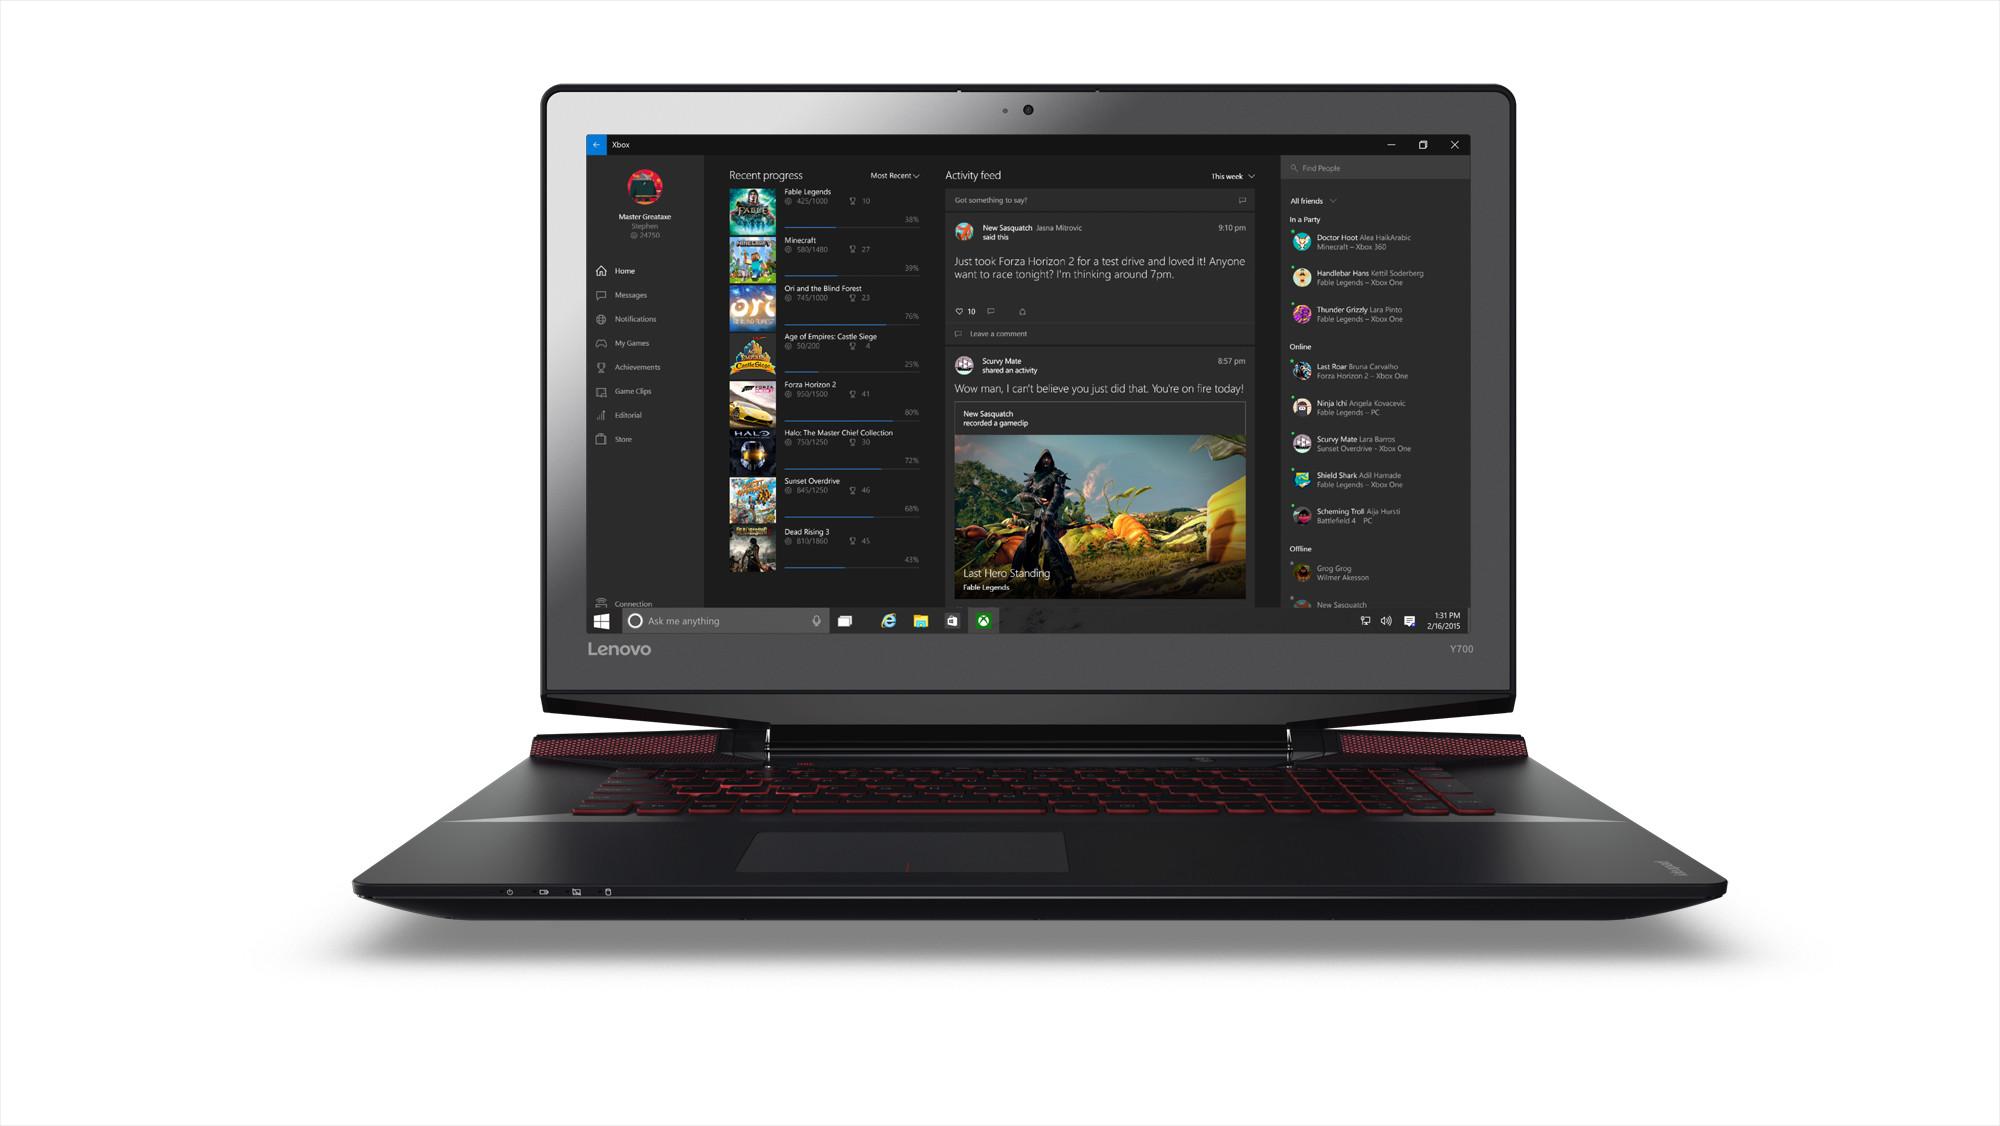 """Lenovo IdeaPad Y700 i7-6700HQ 3,50GHz/8GB/128GB SSD+1TB HDD/15,6"""" FHD/IPS/AG/GeForce 4GB/3DCAM/WIN10 černá 80NV00T2CK"""